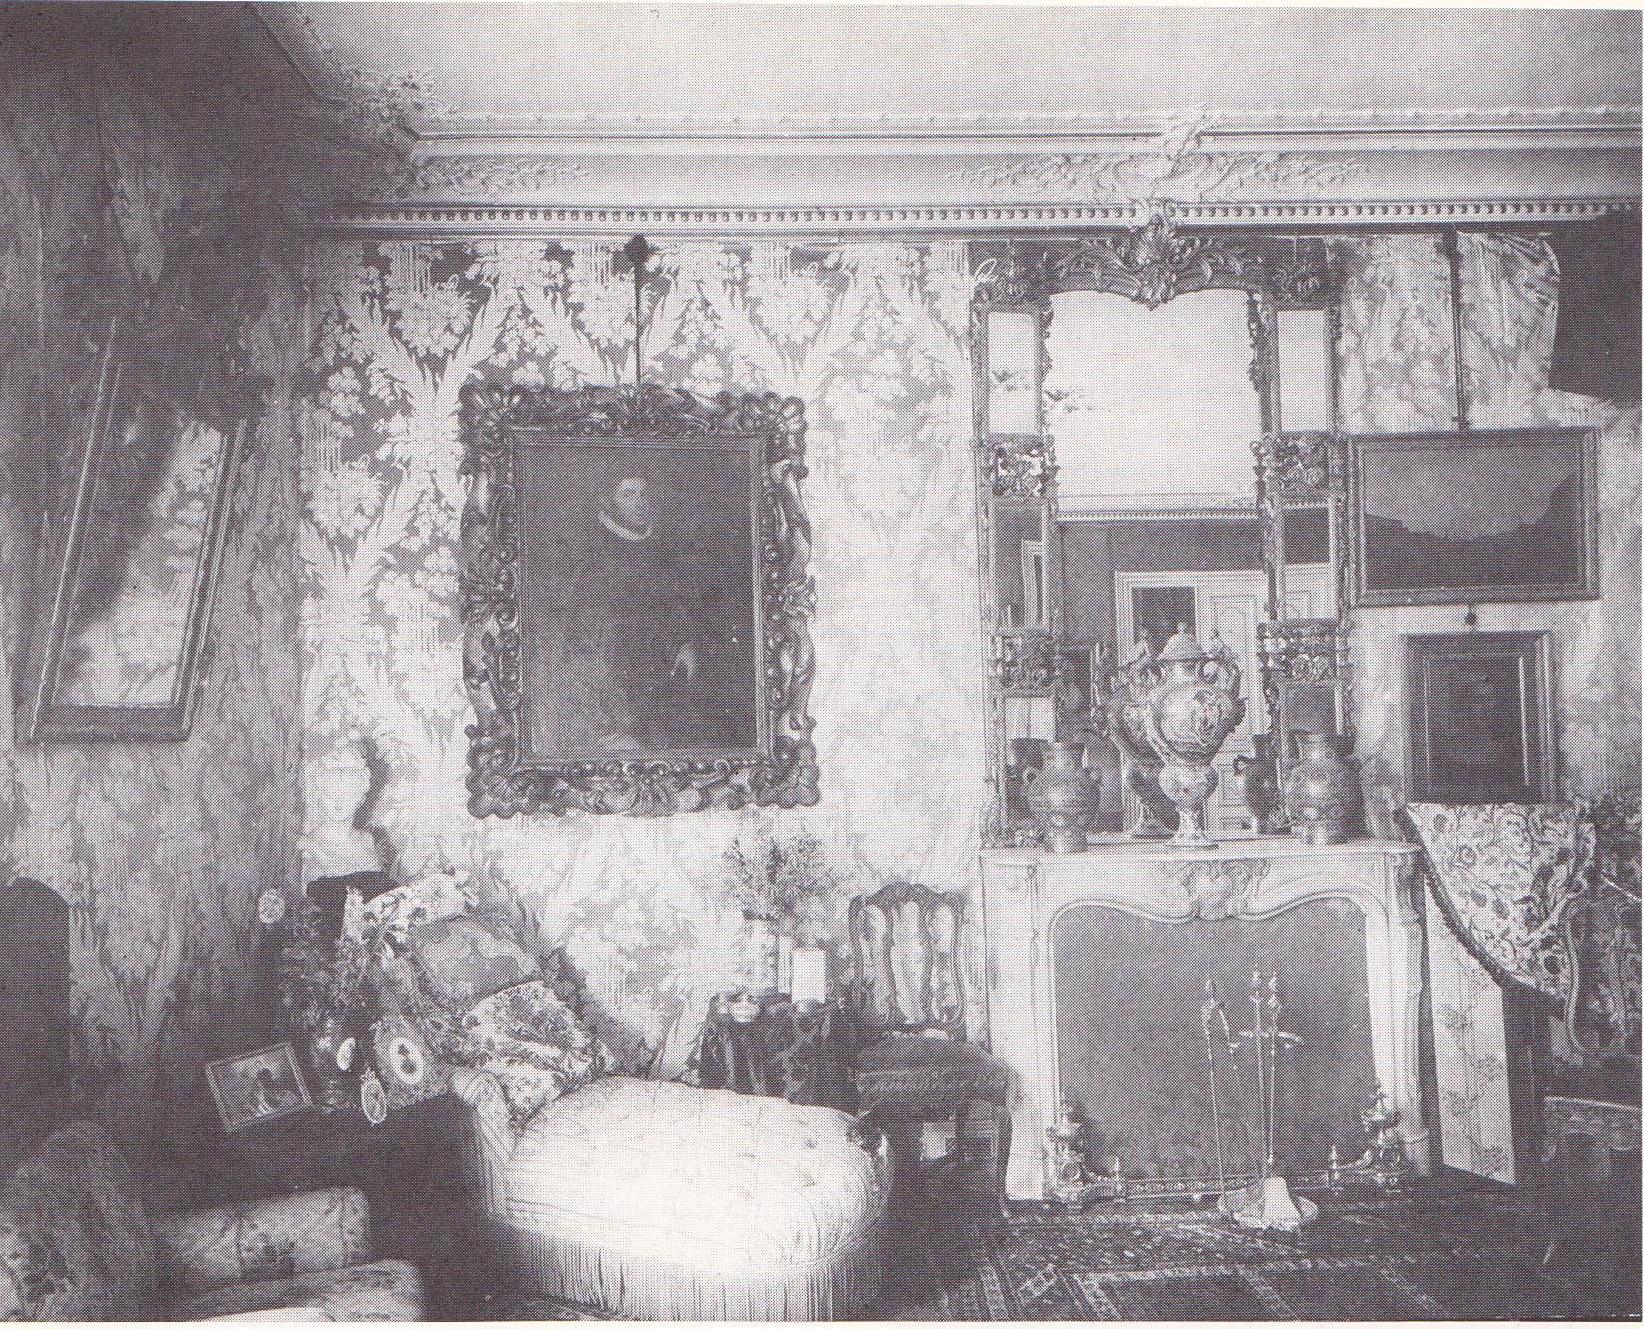 rocaille-blog-palazzo-brancaccio-museo-arte-orientale-76